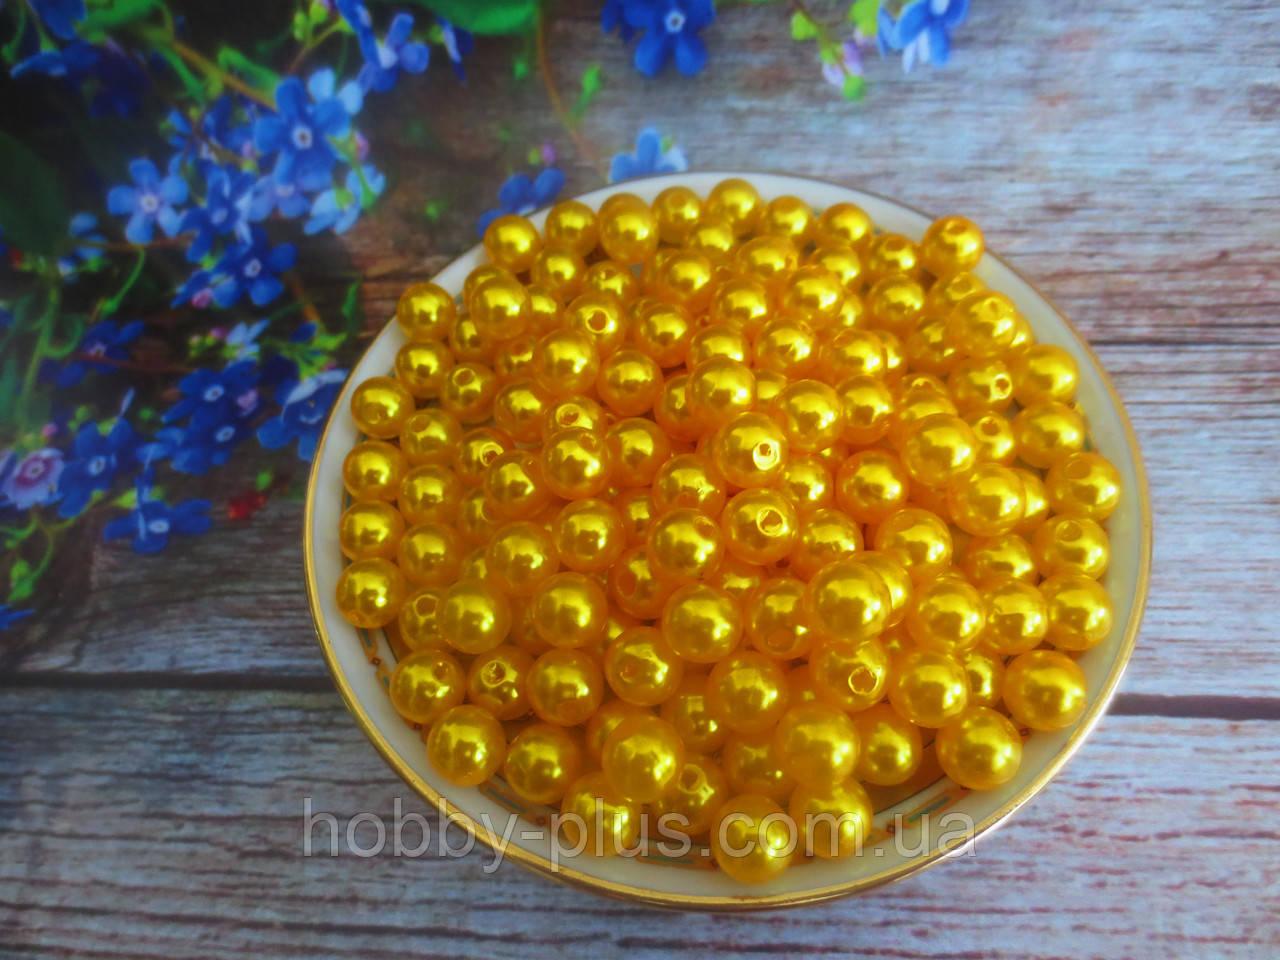 Бусины перламутровые под жемчуг, 8 мм, цвет желтый, 10 грамм, (~40 шт).